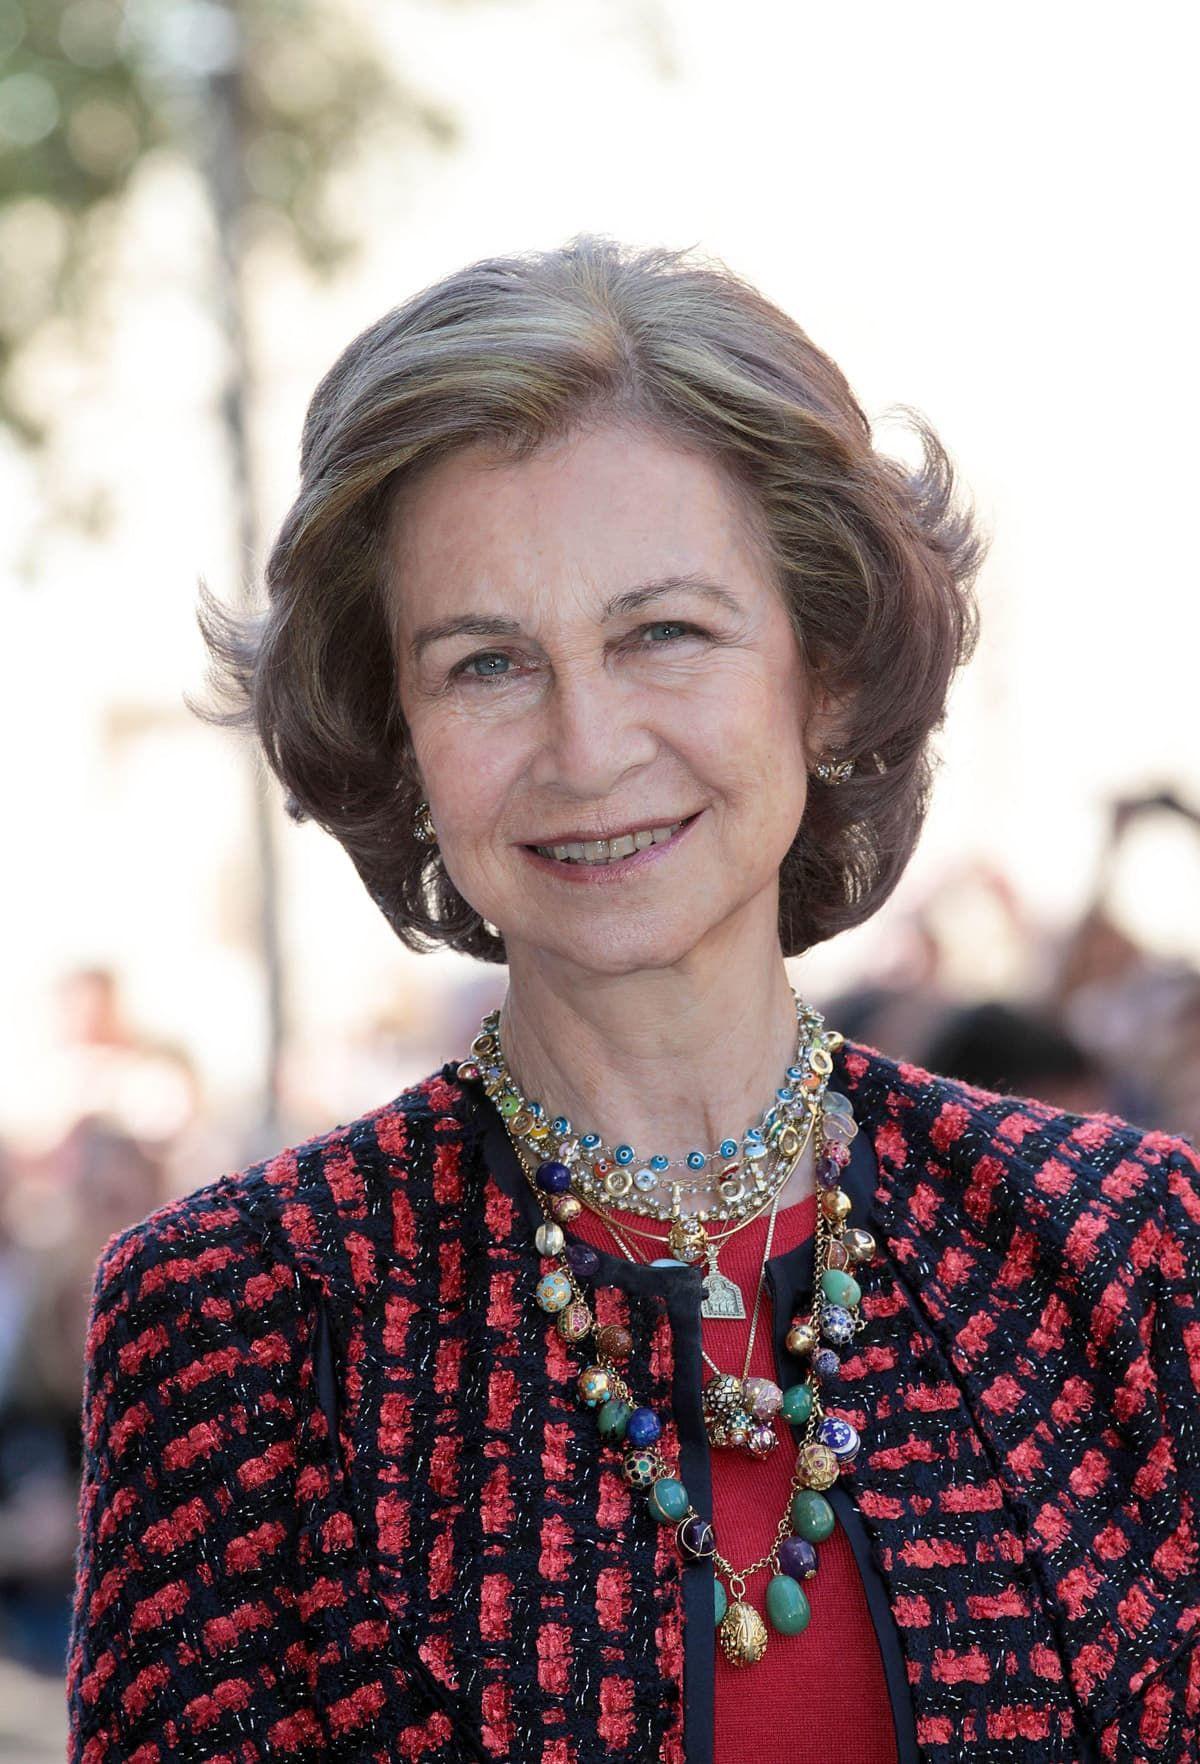 Koningin Sofia met haar Fabergé eitjes Blog Zilver.nl al